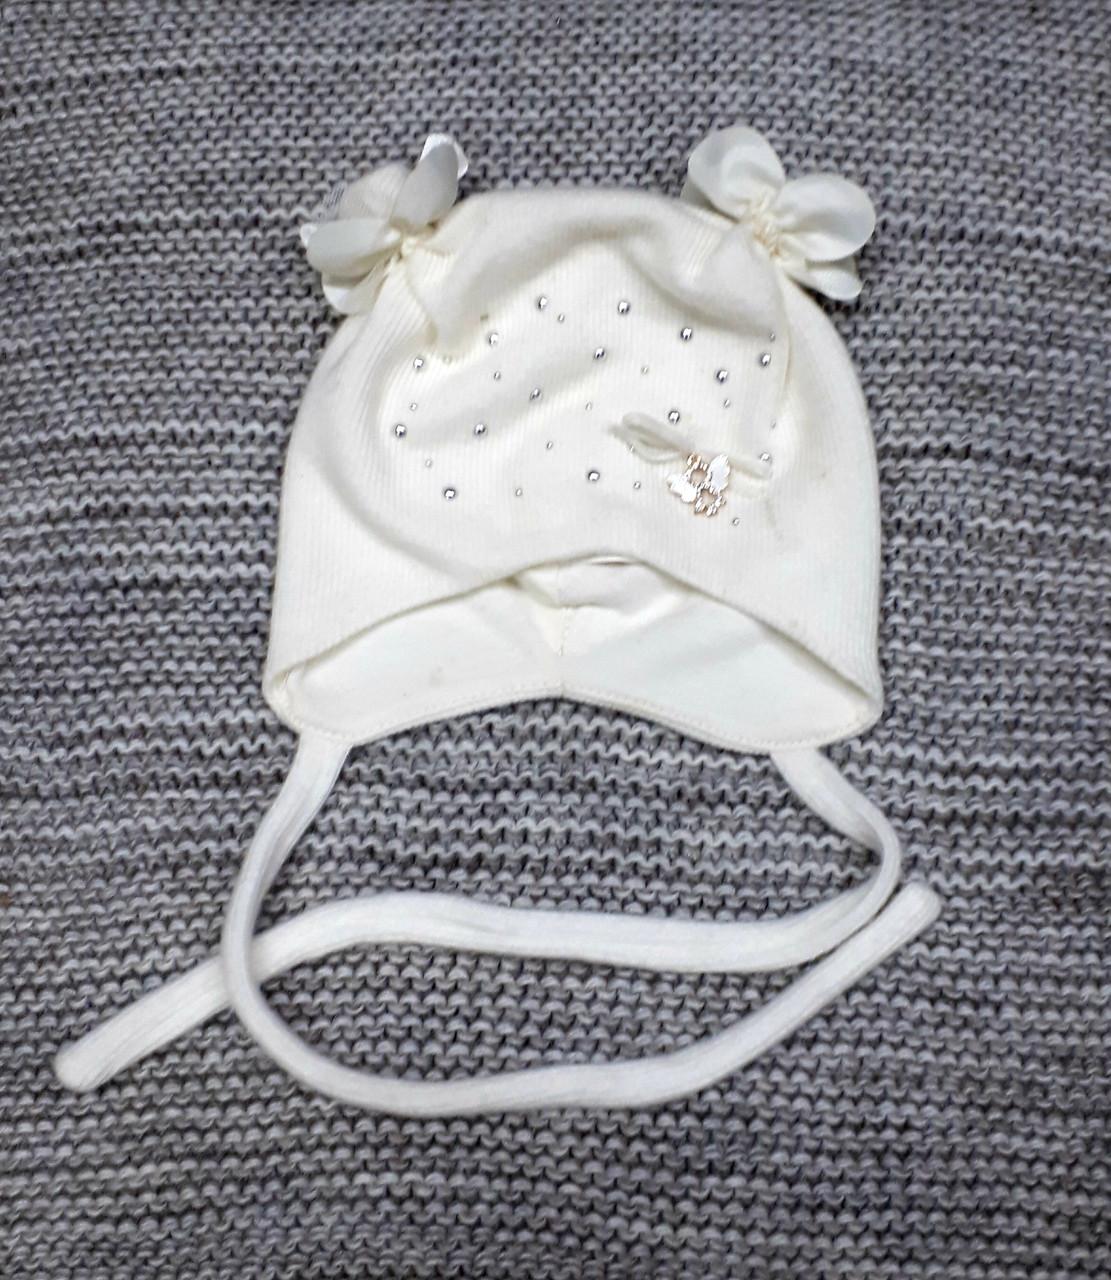 Шапка детская  на девочку демисезонная молочного цвета Elf kids (Польша) размер 40